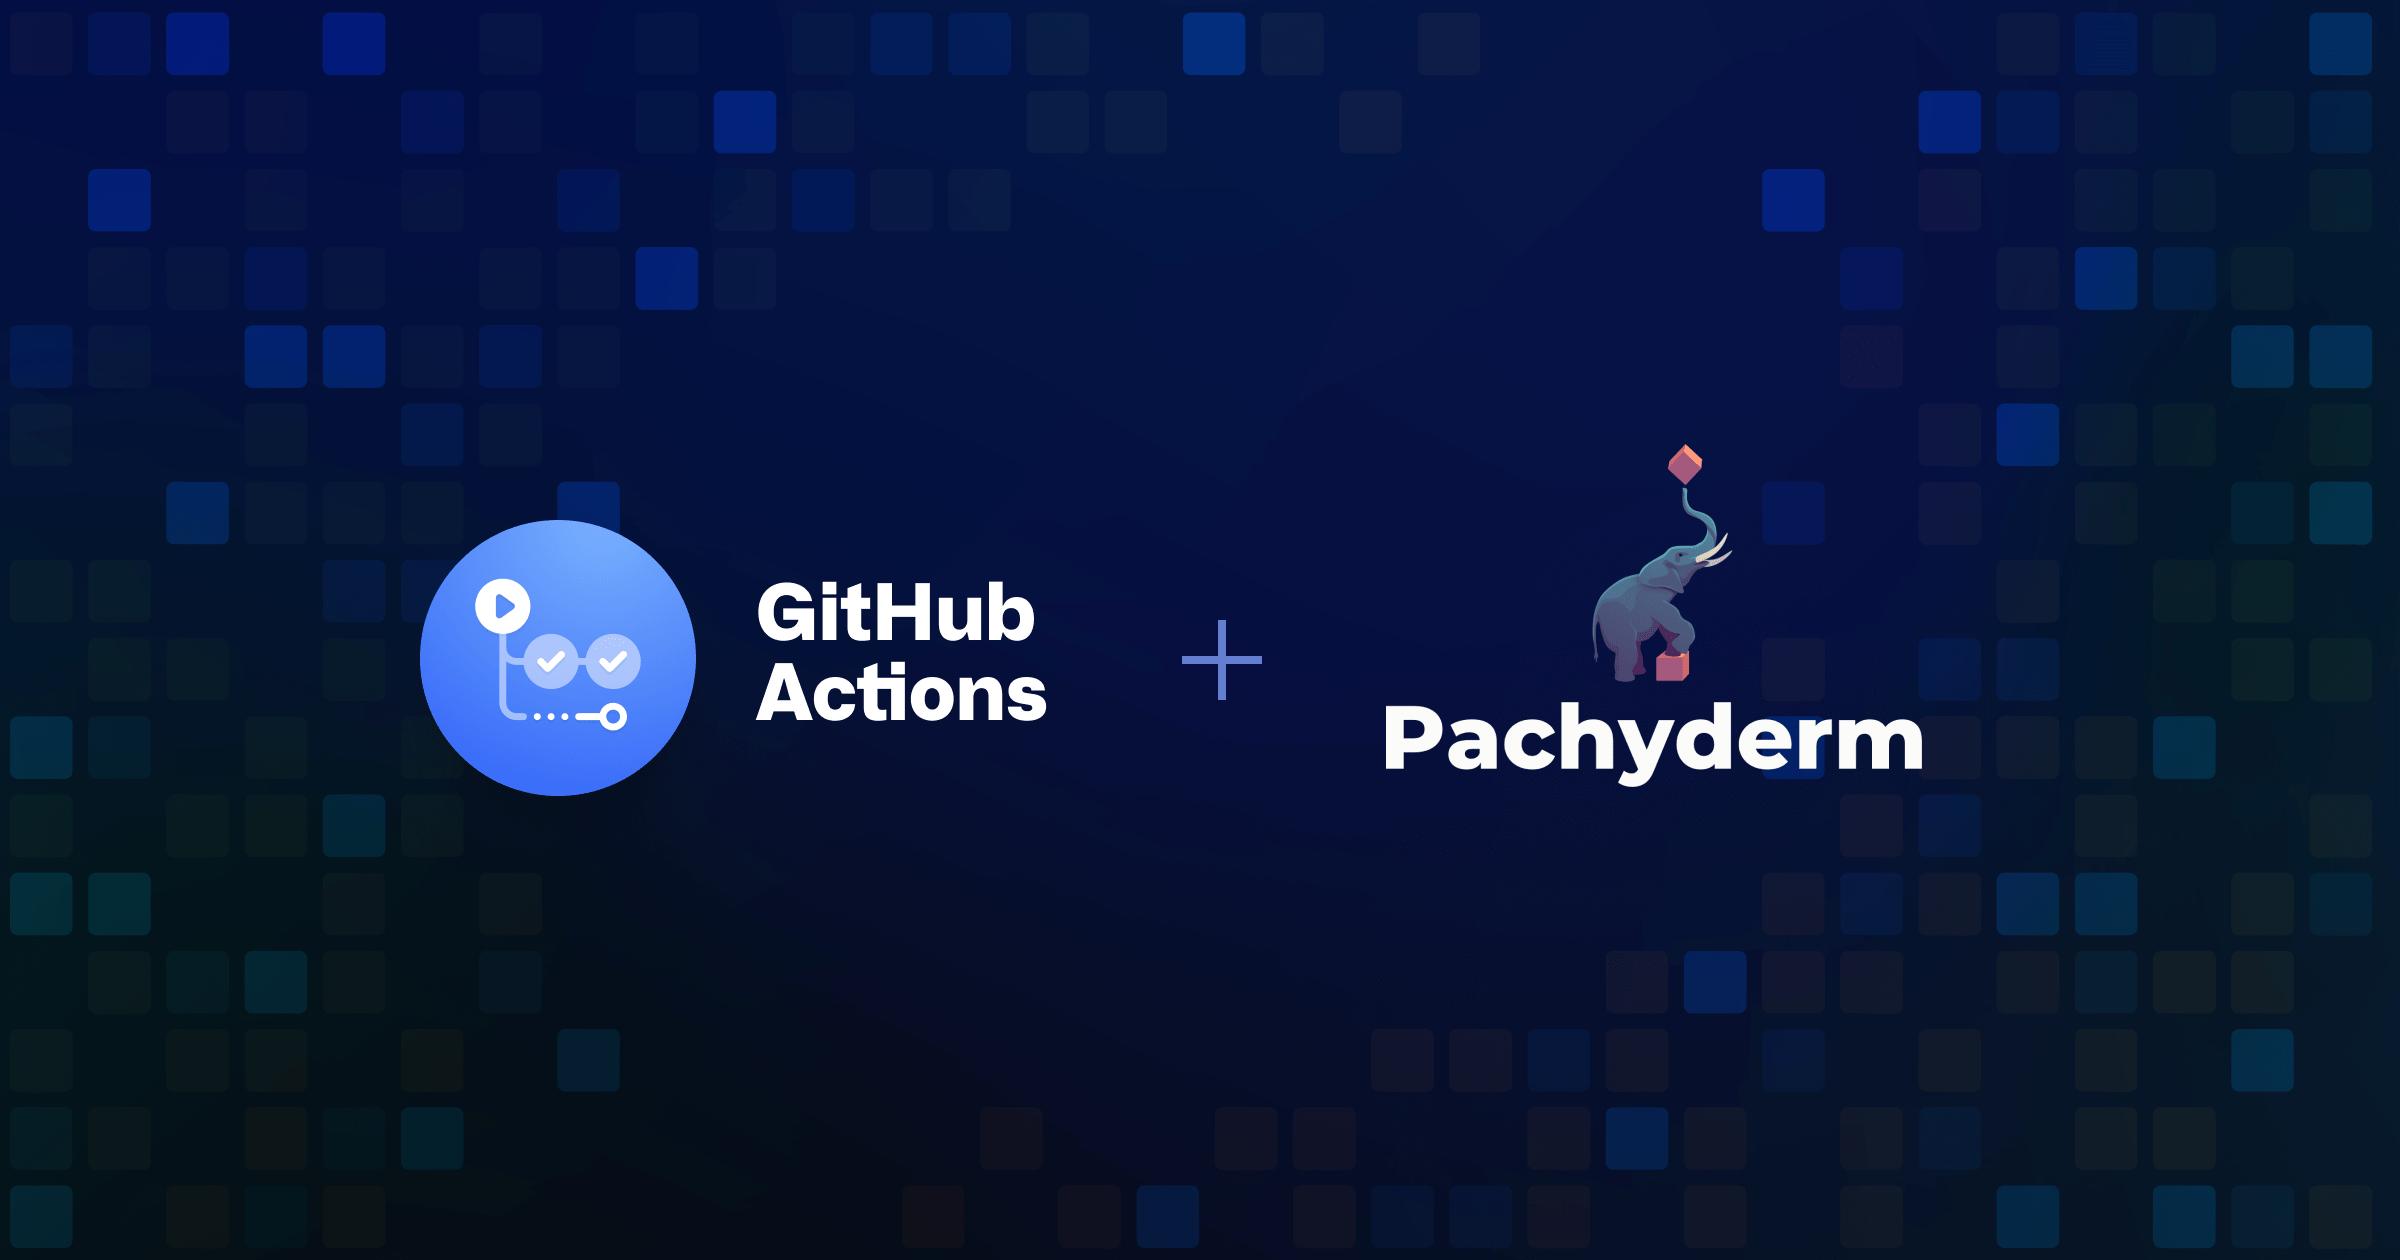 MLOps meets DevOps - Pachyderm: Enables DevOps for data - The GitHub Blog